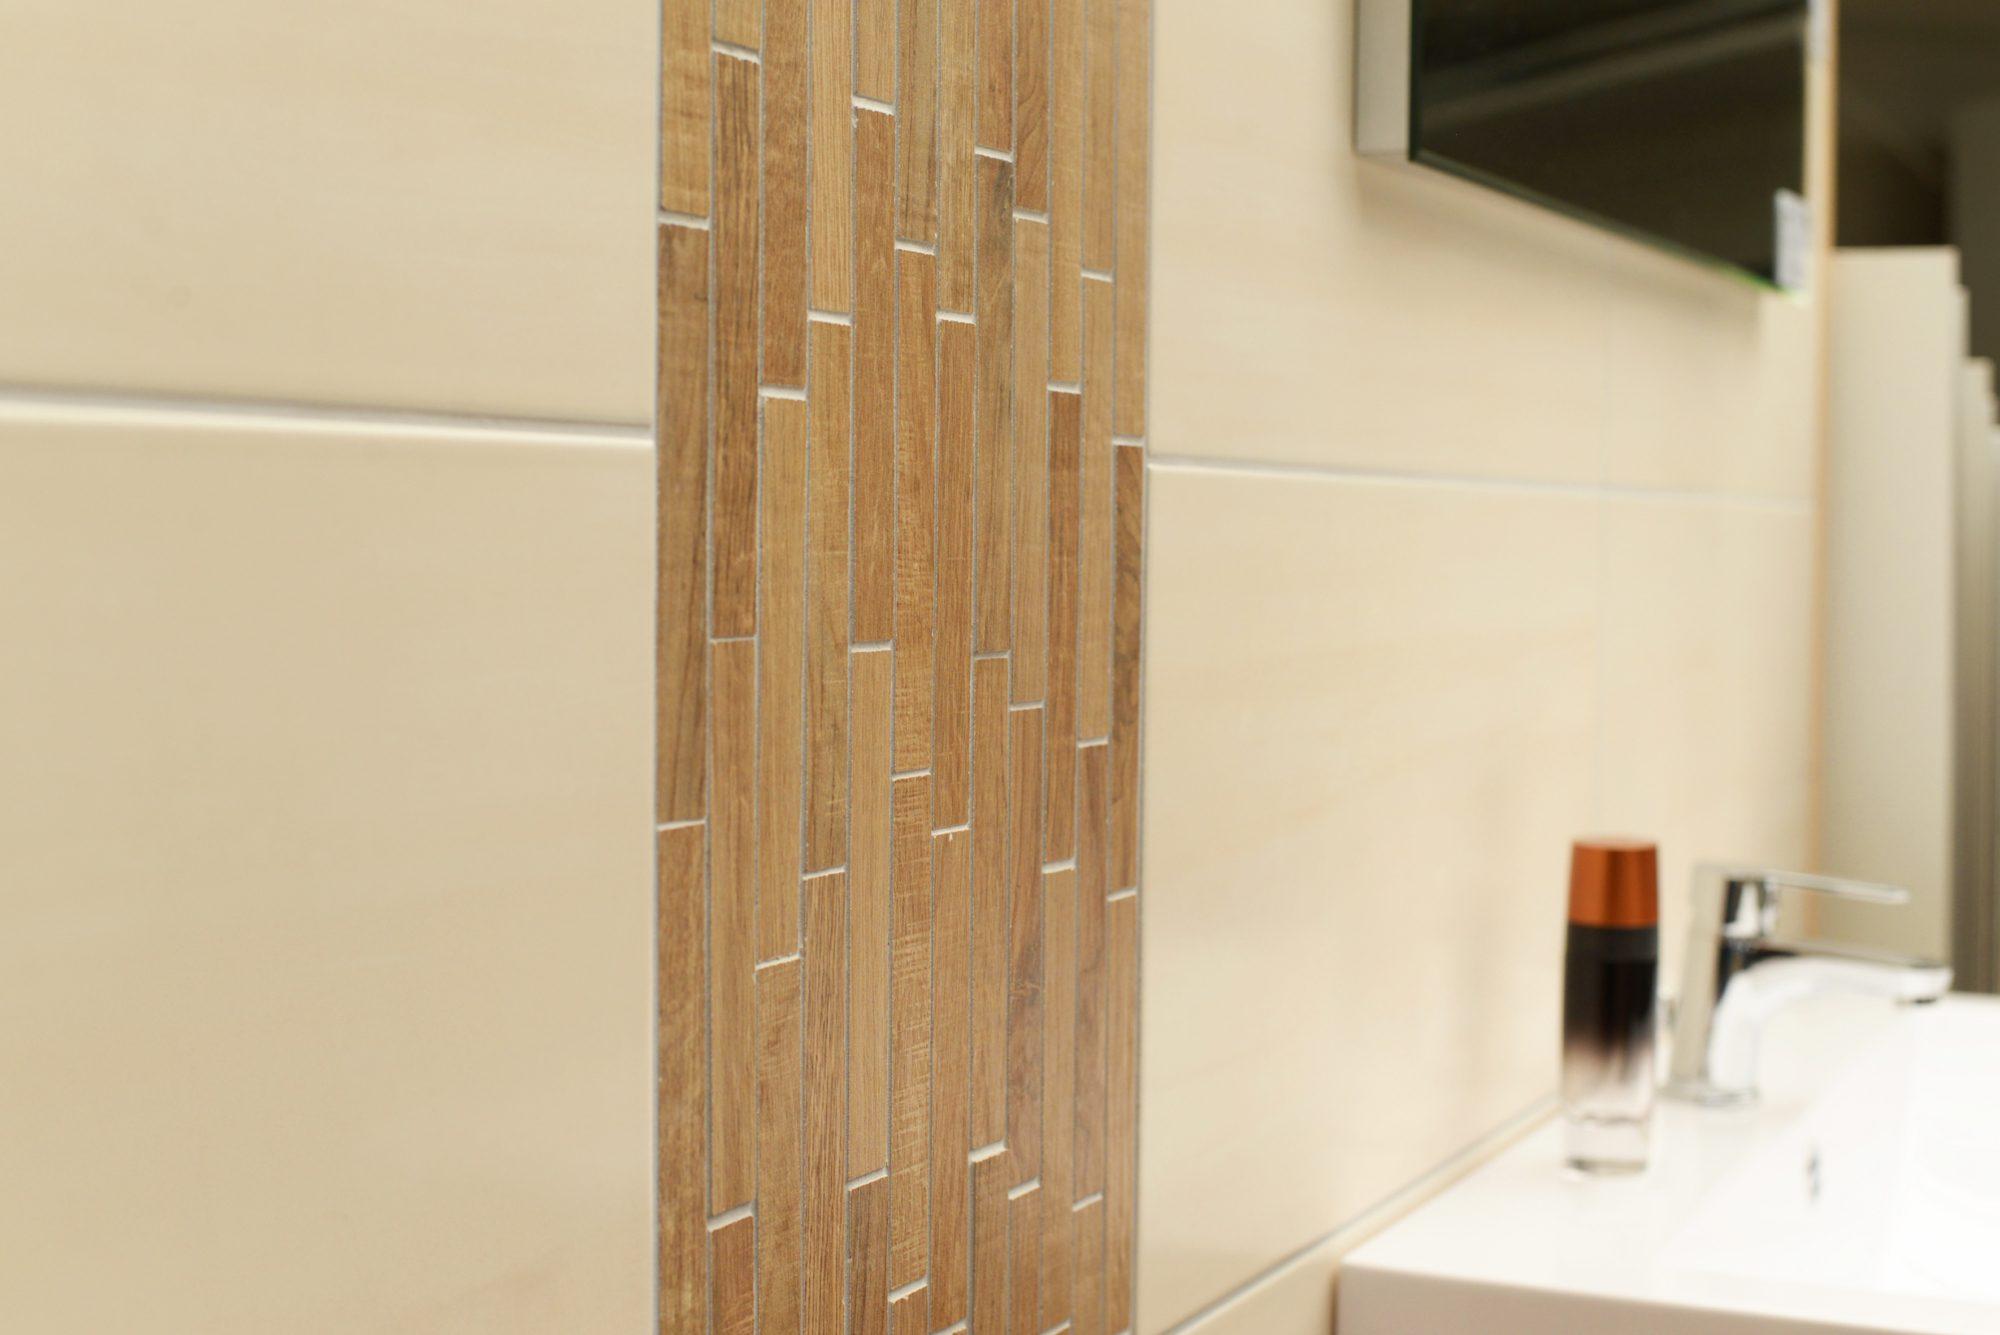 Mosaikfliesen Bad - Boden und Wände im Badezimmer